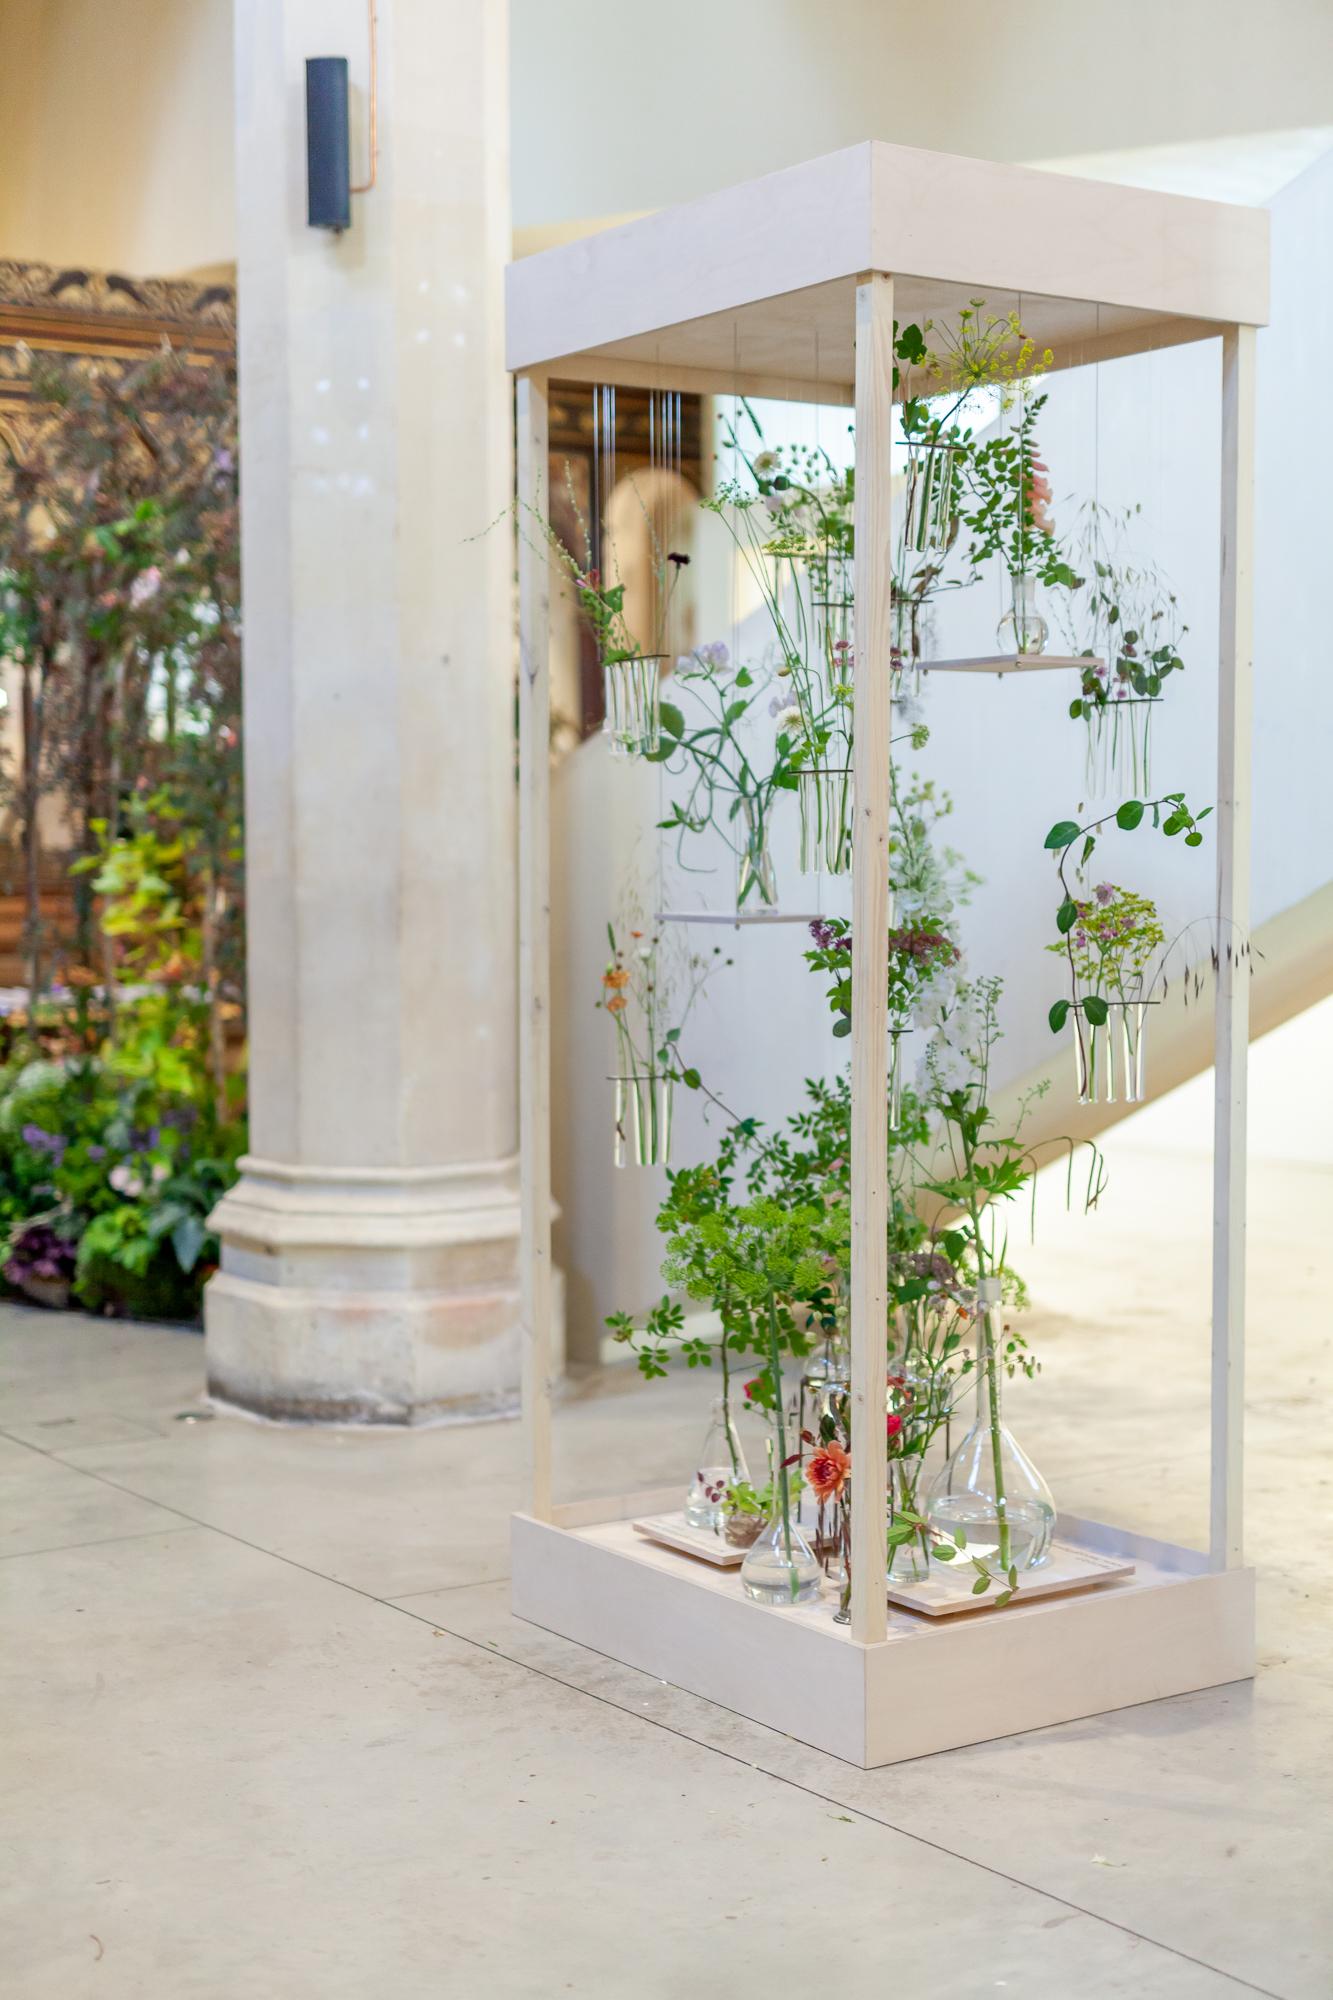 Festoon-Flowers-installation-British-Flowers-Week-2018-at-Garden-Museum-by-New-Covent-Garden-Market (4).jpg